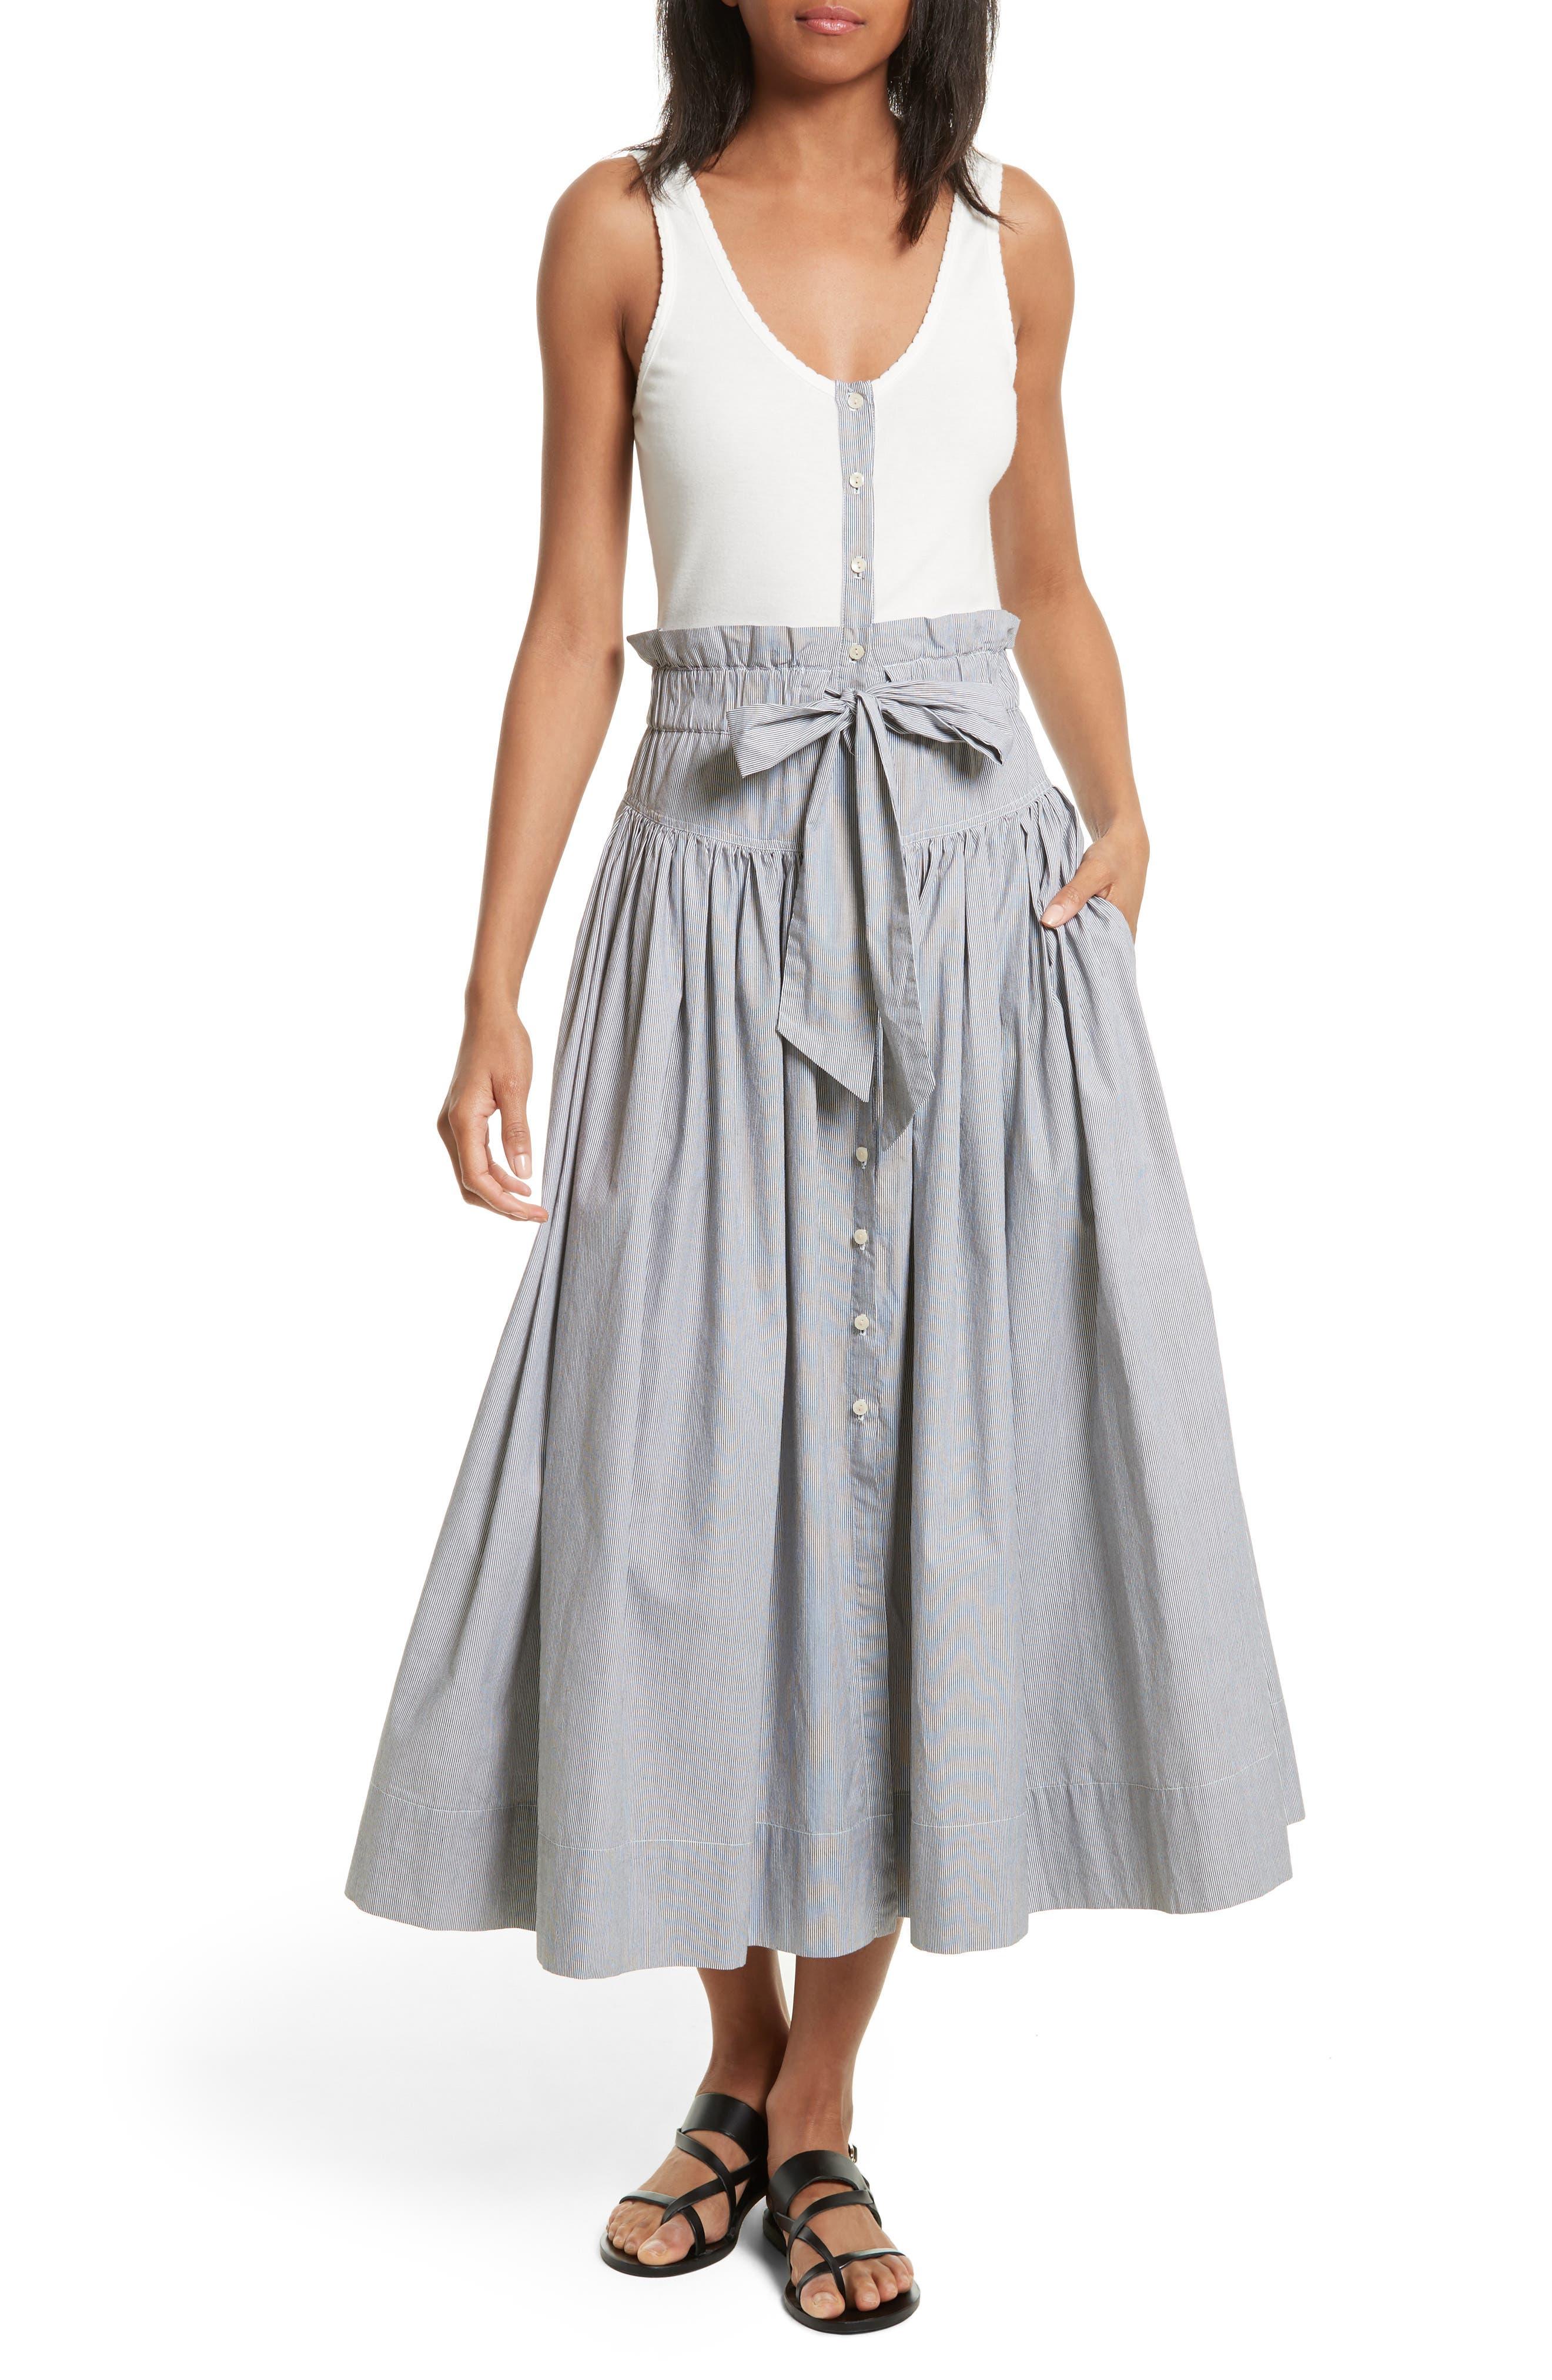 La Vie Rebecca Taylor Knit & Poplin Midi Dress